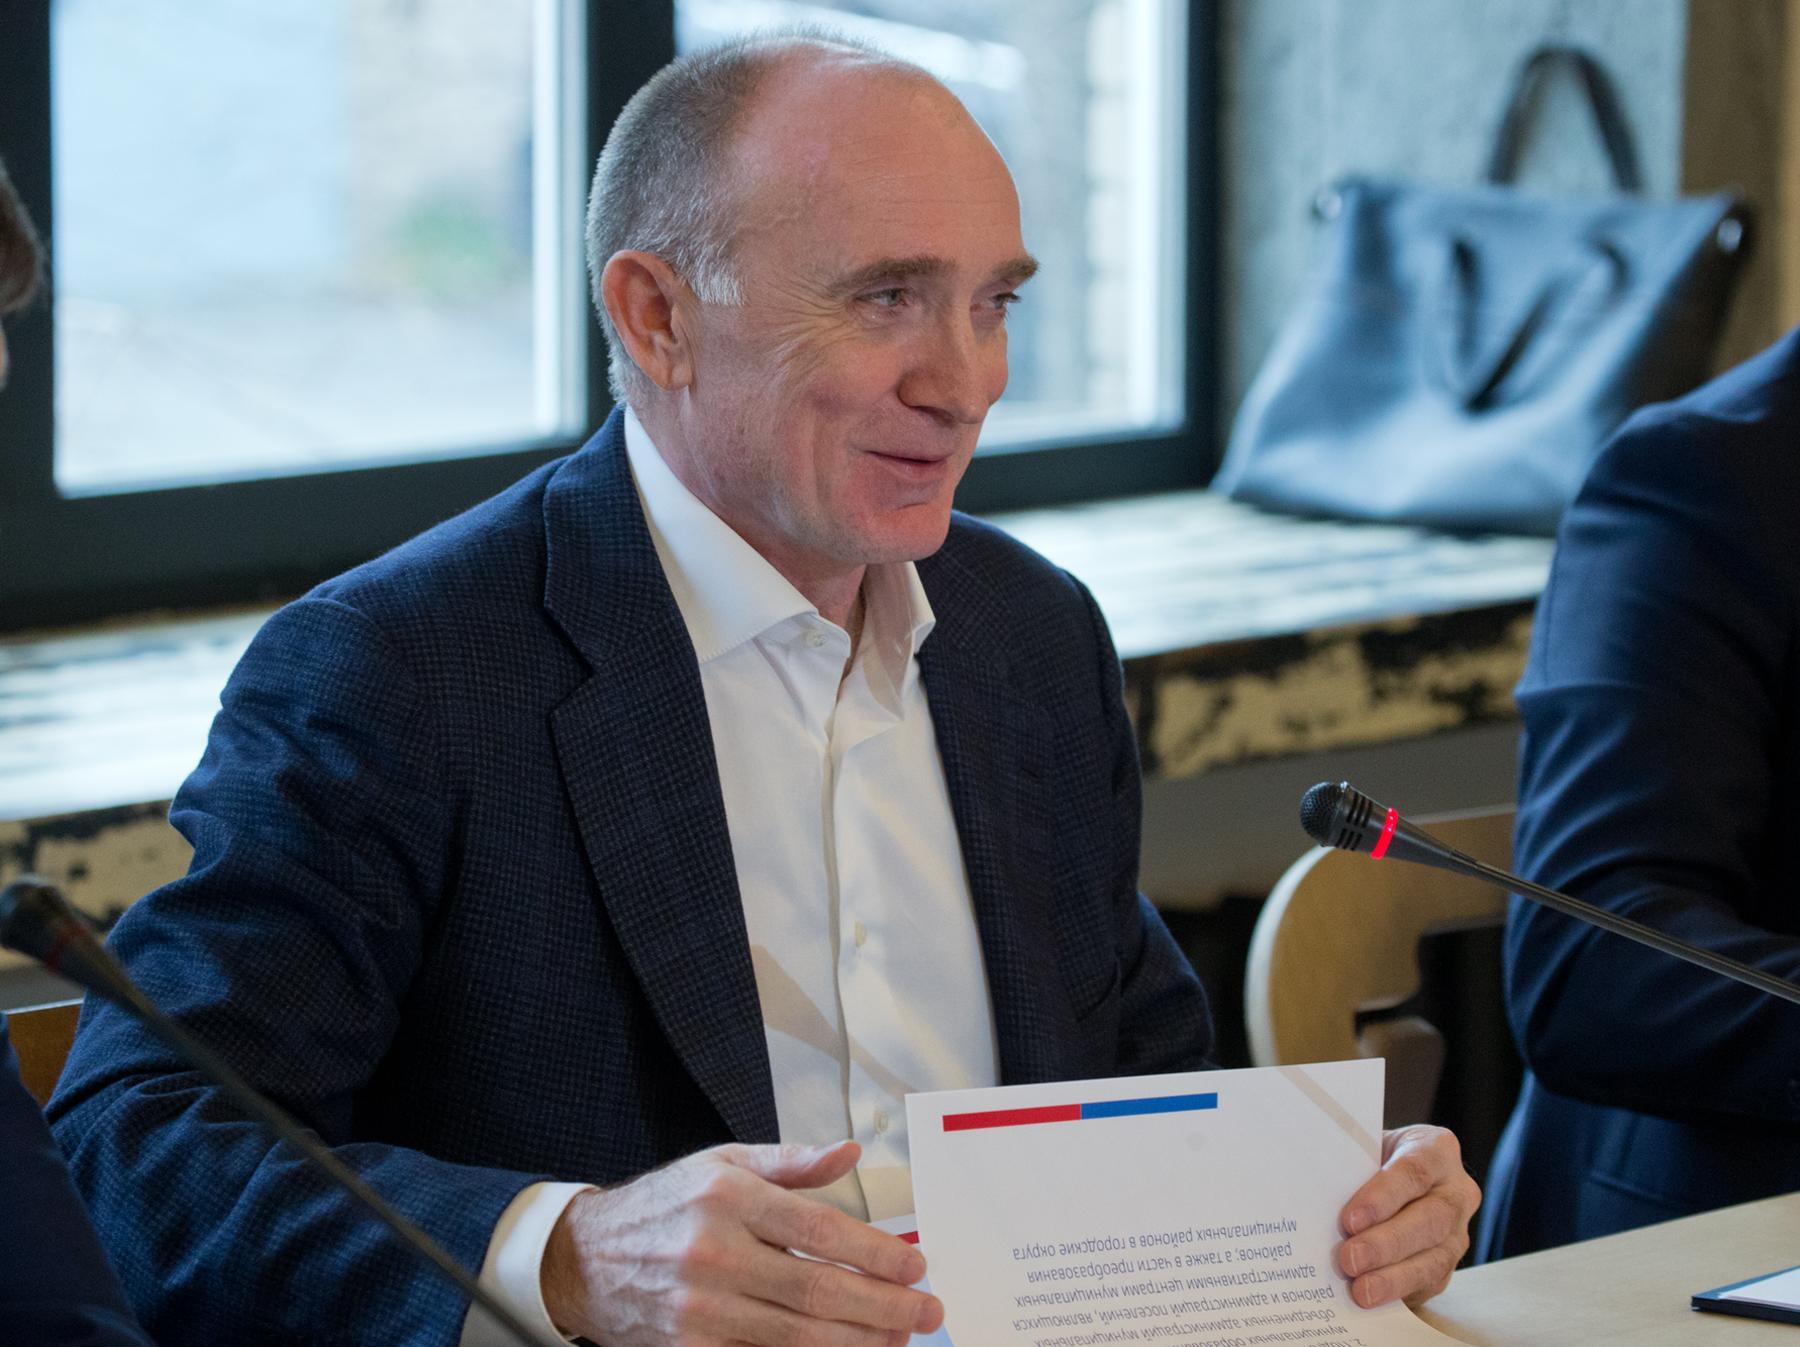 Губернатор Челябинской области Борис Дубровский провел встречу с членами совета по молодежной пол